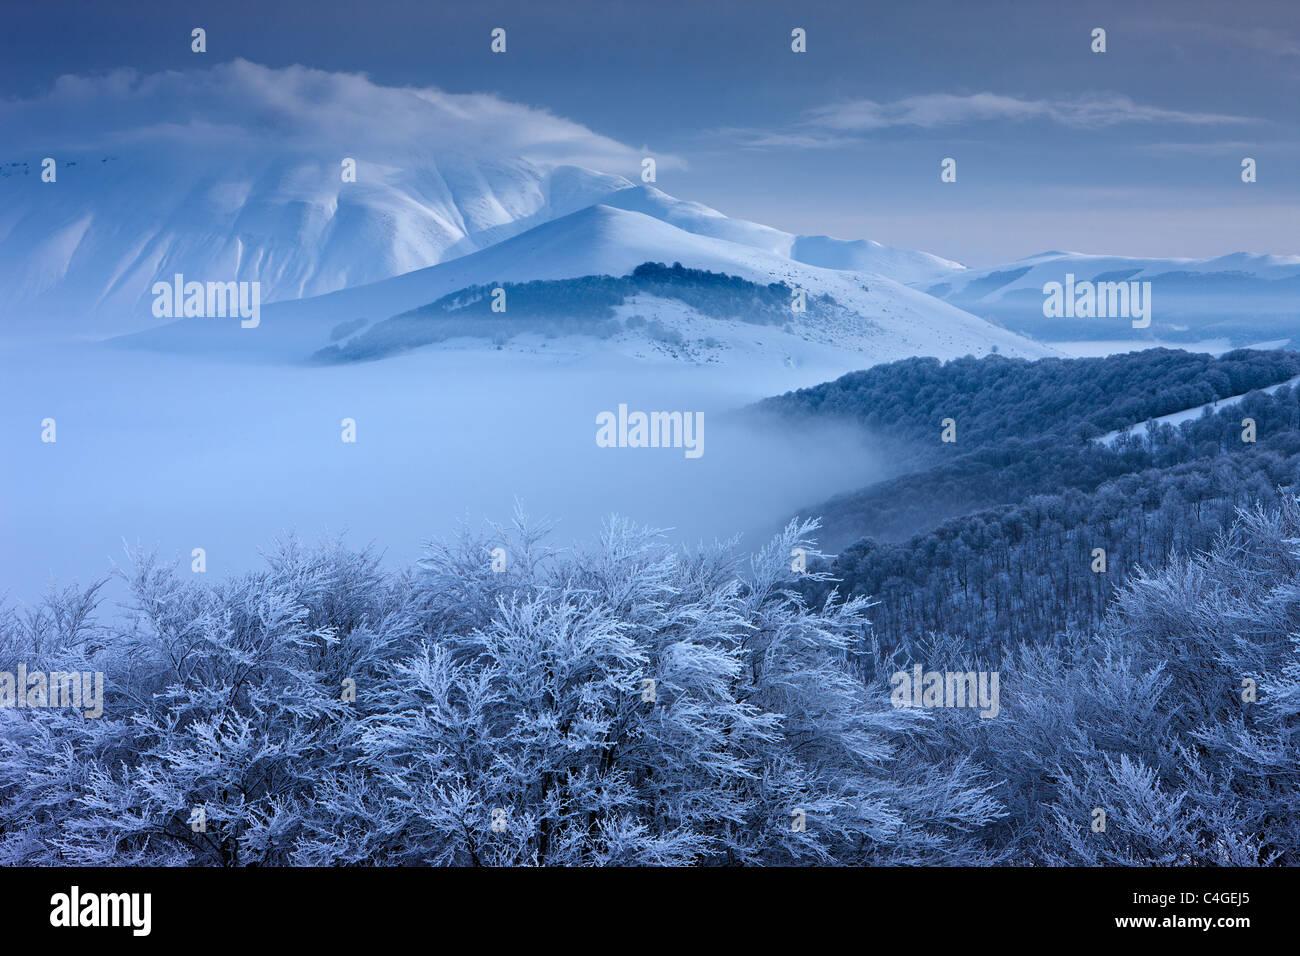 Neve e ghiaccio sul piano Grande in inverno con il Monte Vettore al di là, Parco Nazionale dei Monti Sibillini, Immagini Stock